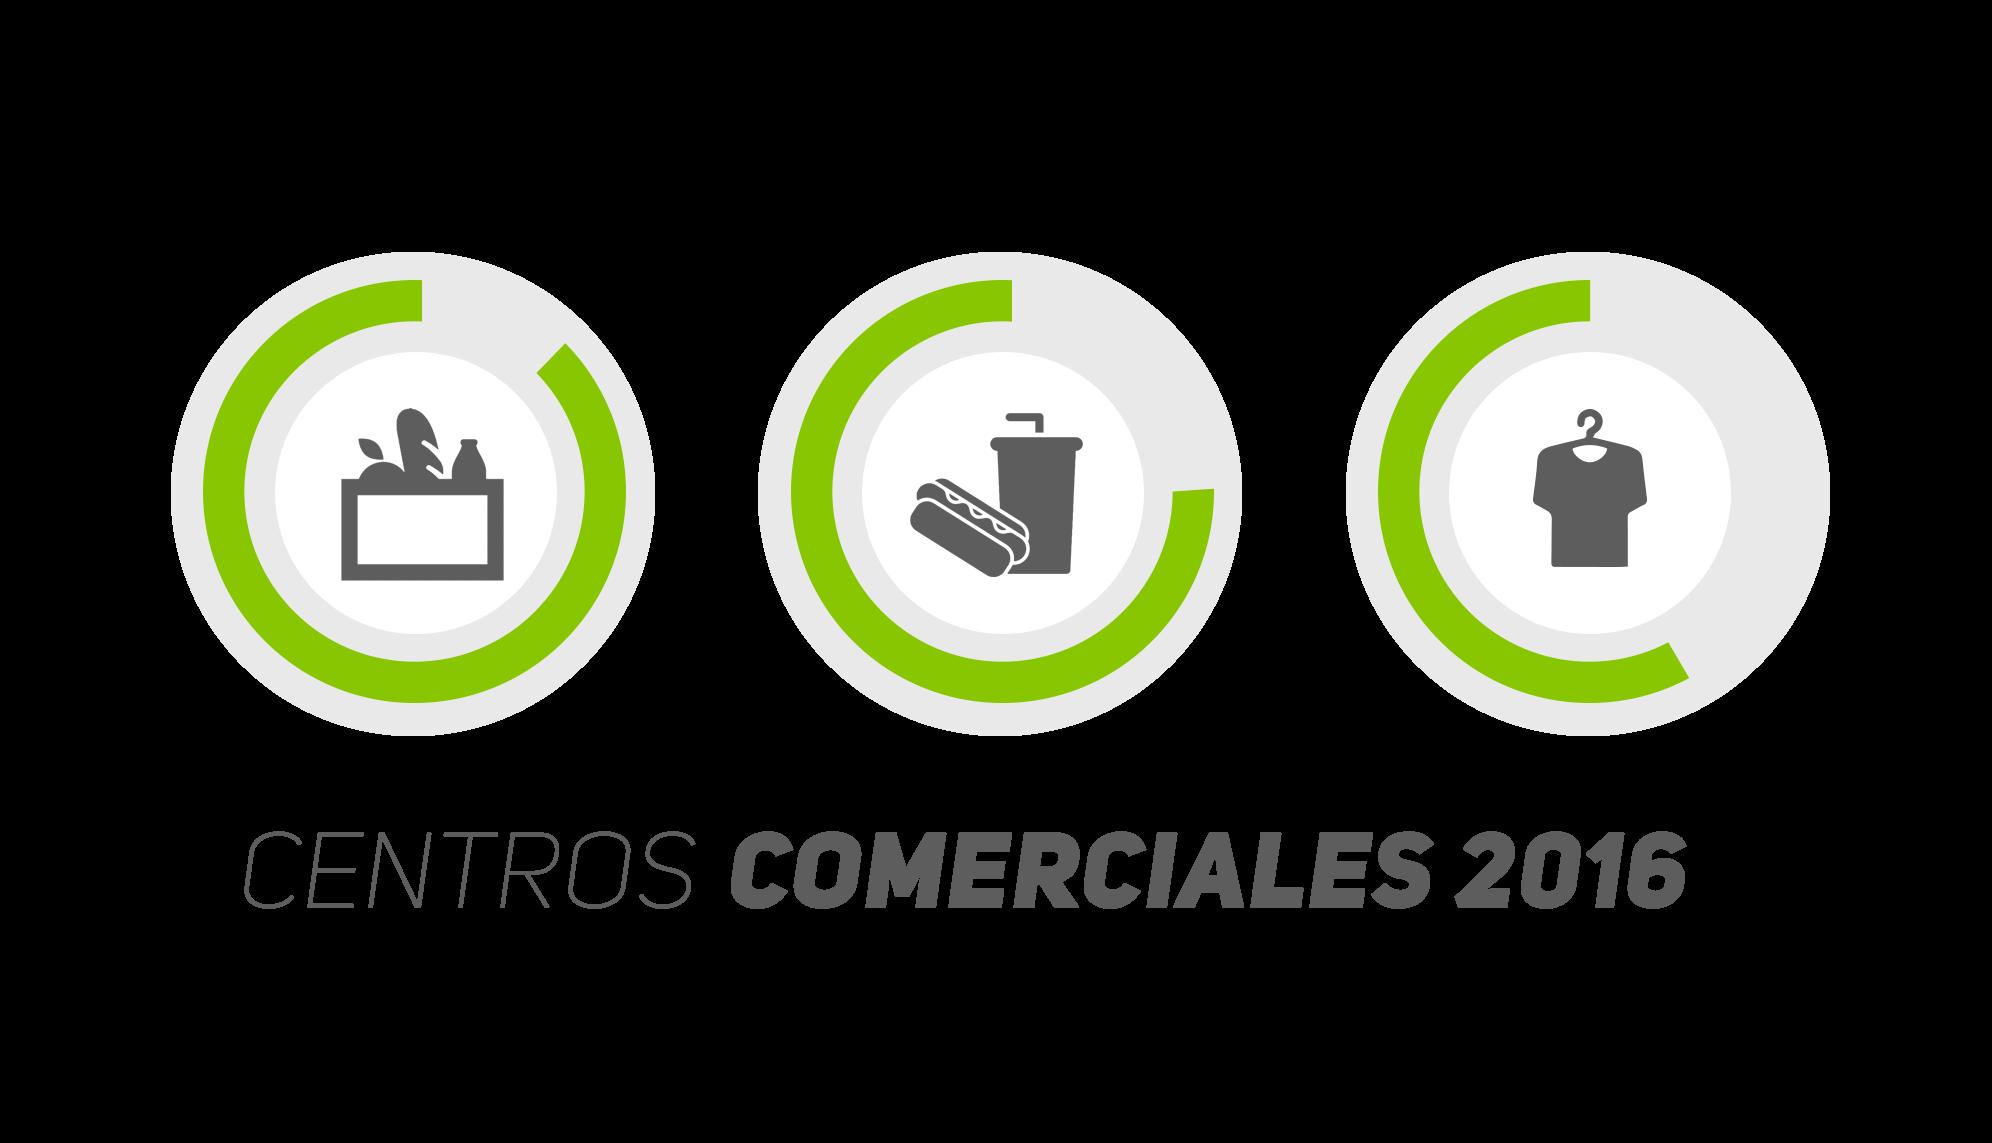 Centros Comerciales 2016